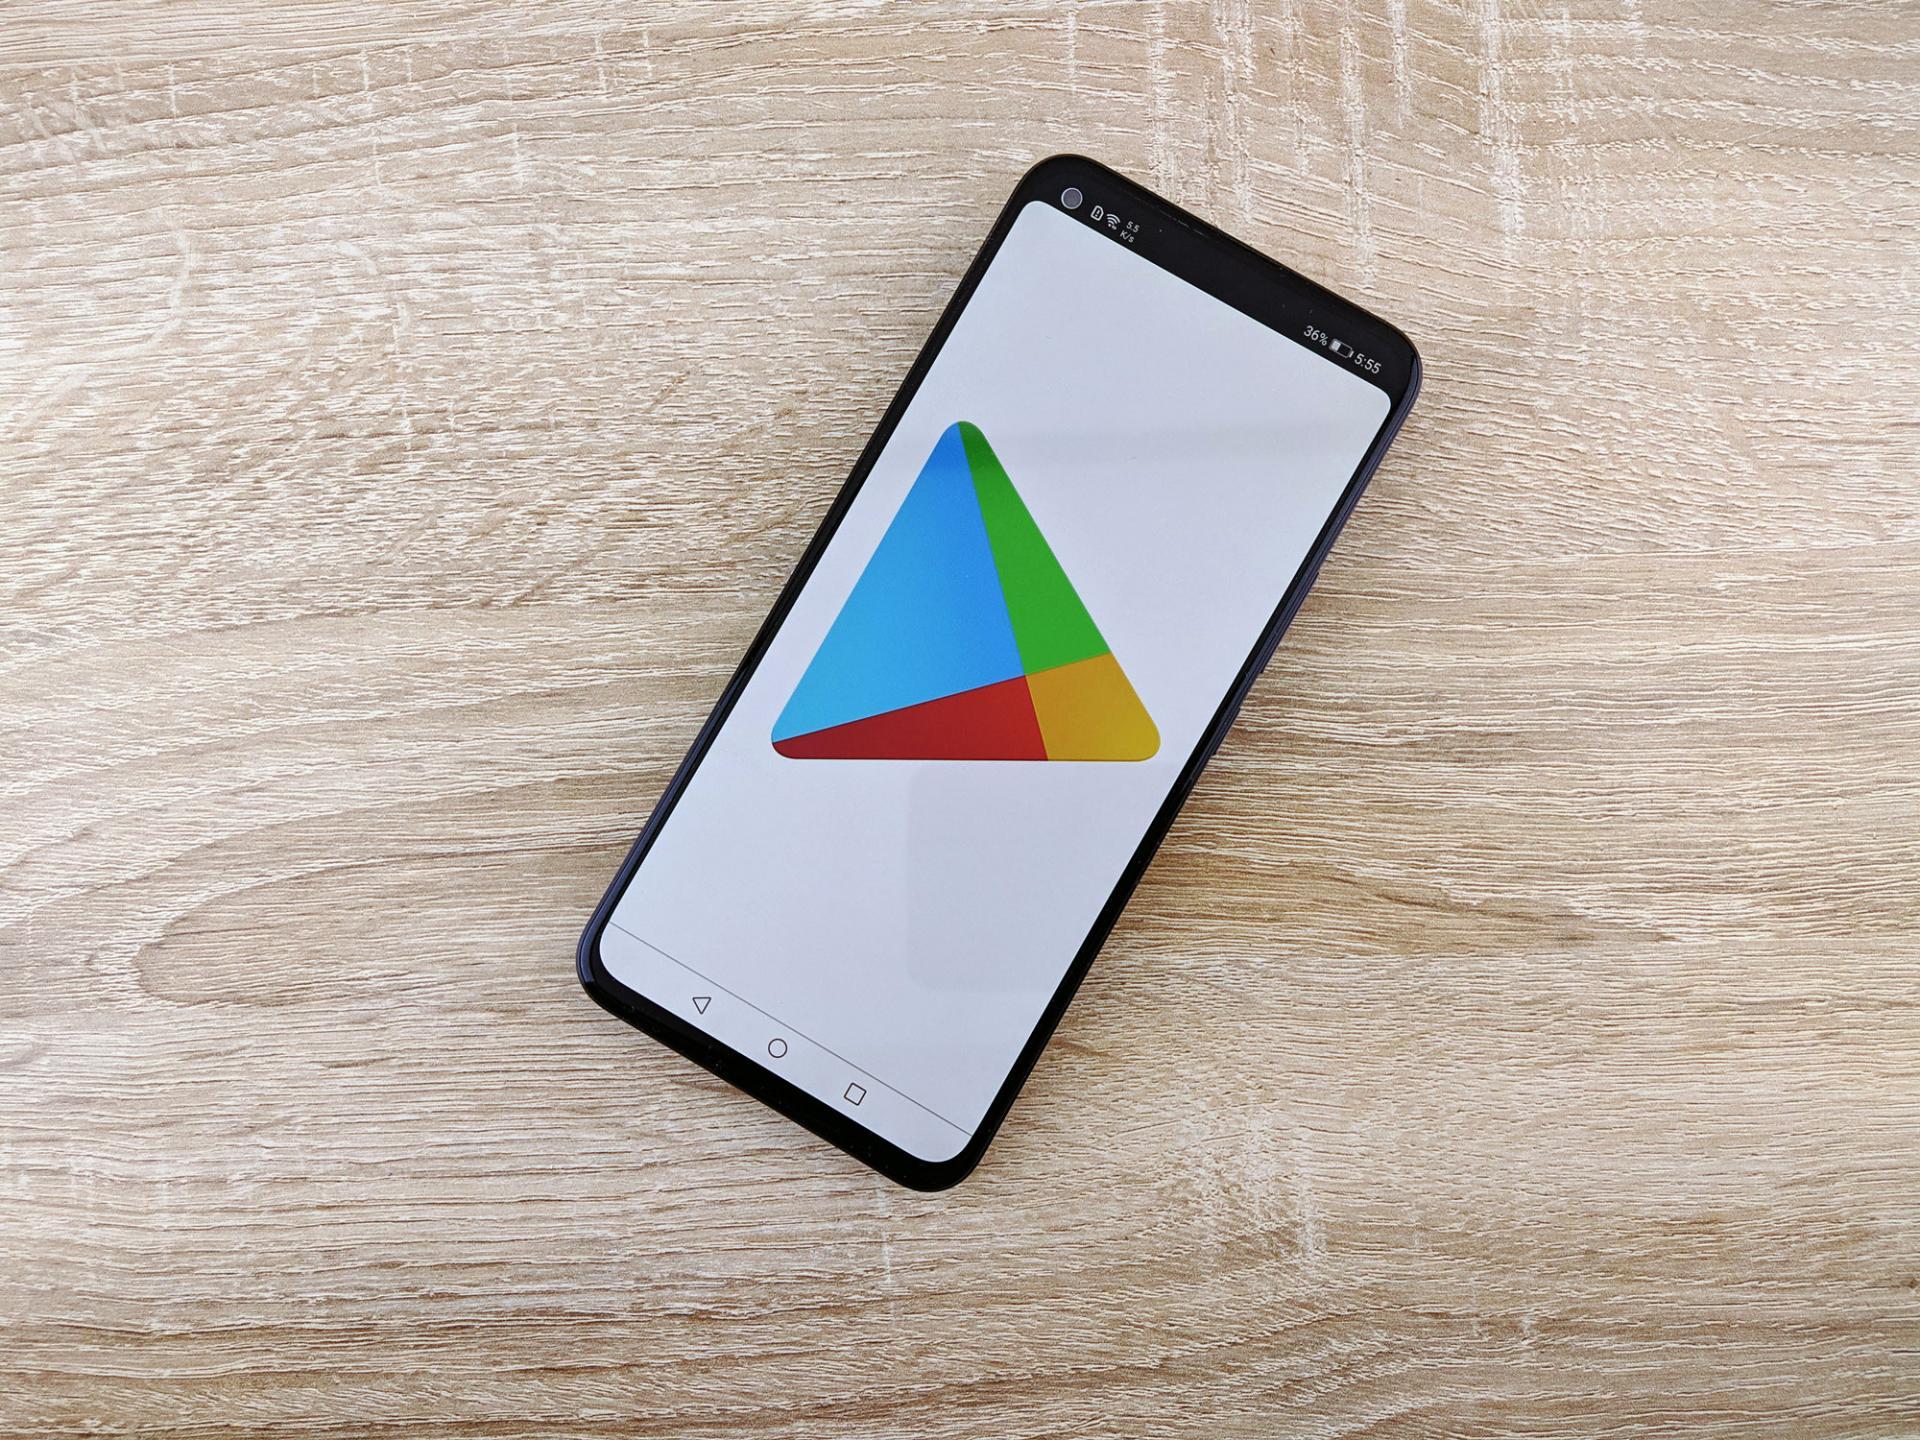 Скачиваем иобновляем Google Play Store 23.6.13